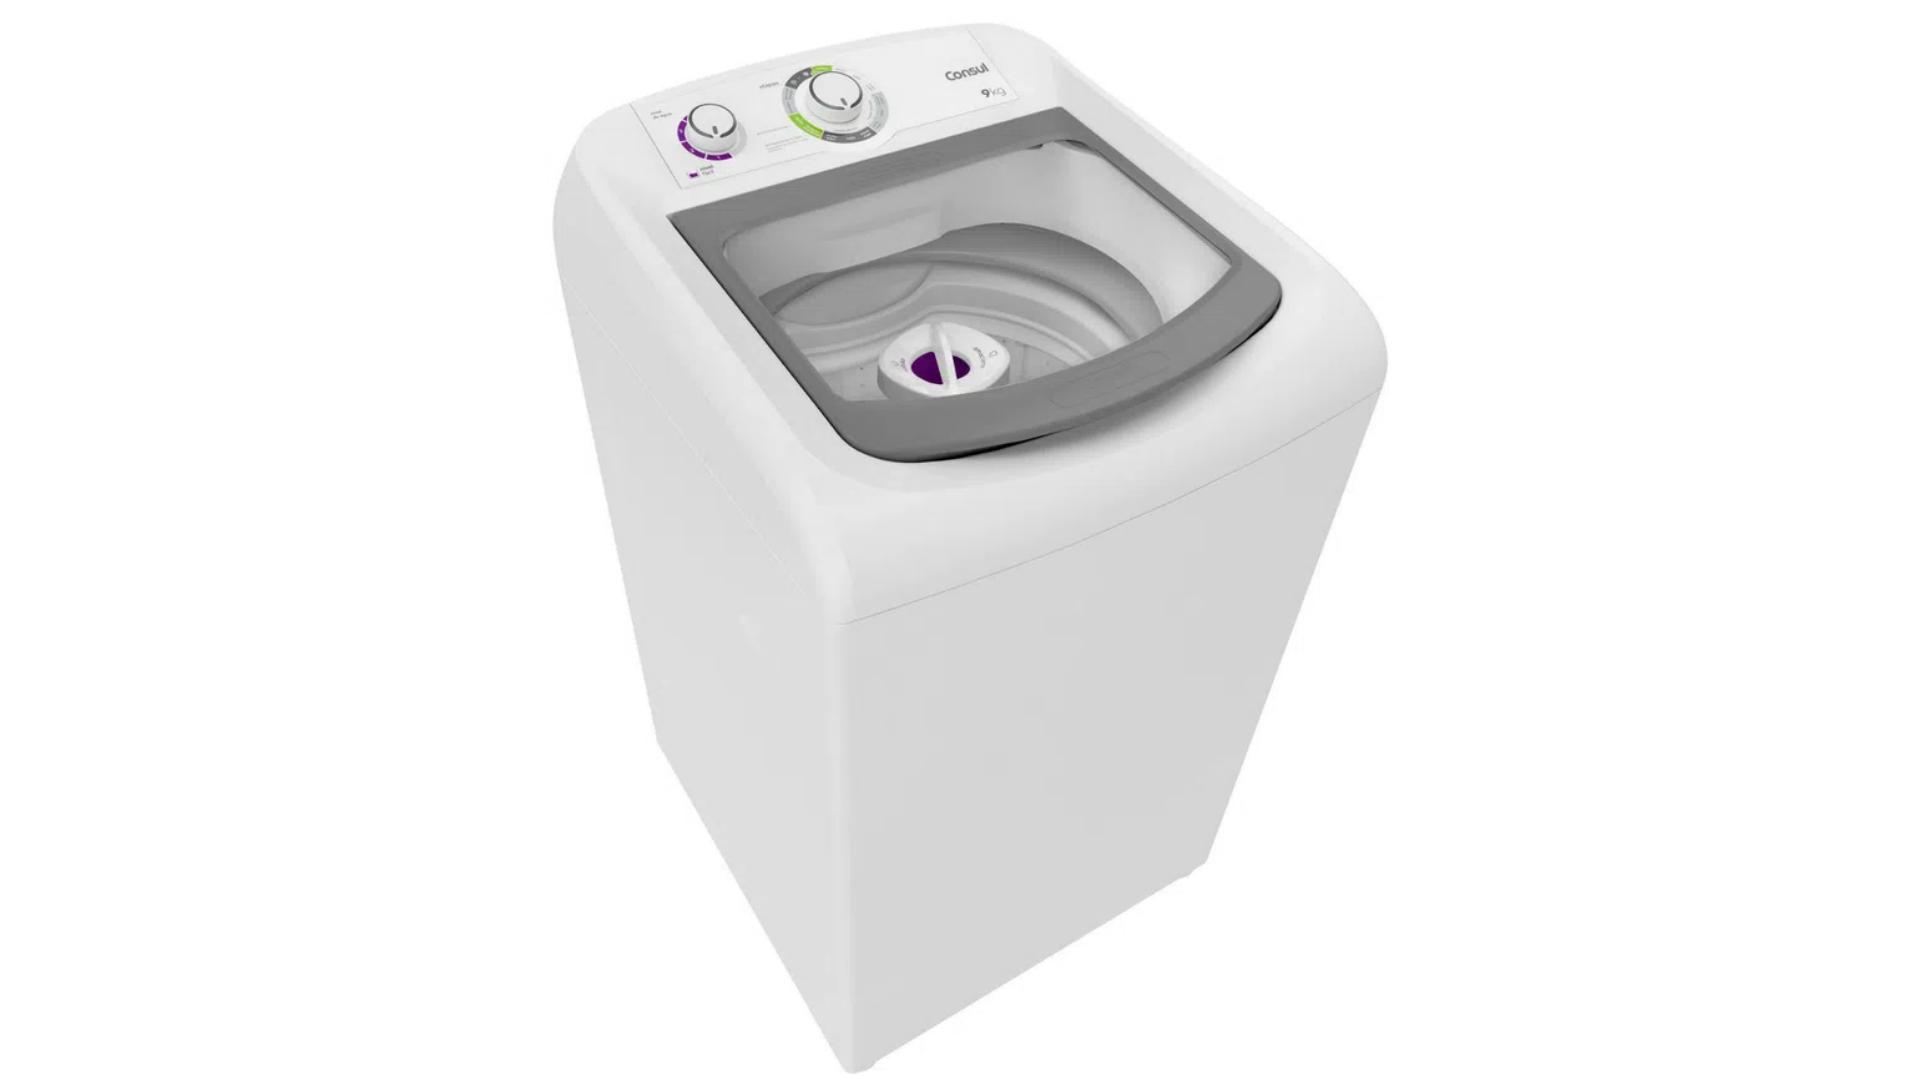 O design da lavadora de roupas Consul 9Kg branca é descontraído, com os detalhes em verde e roxo (Imagem: Reprodução/Consul).